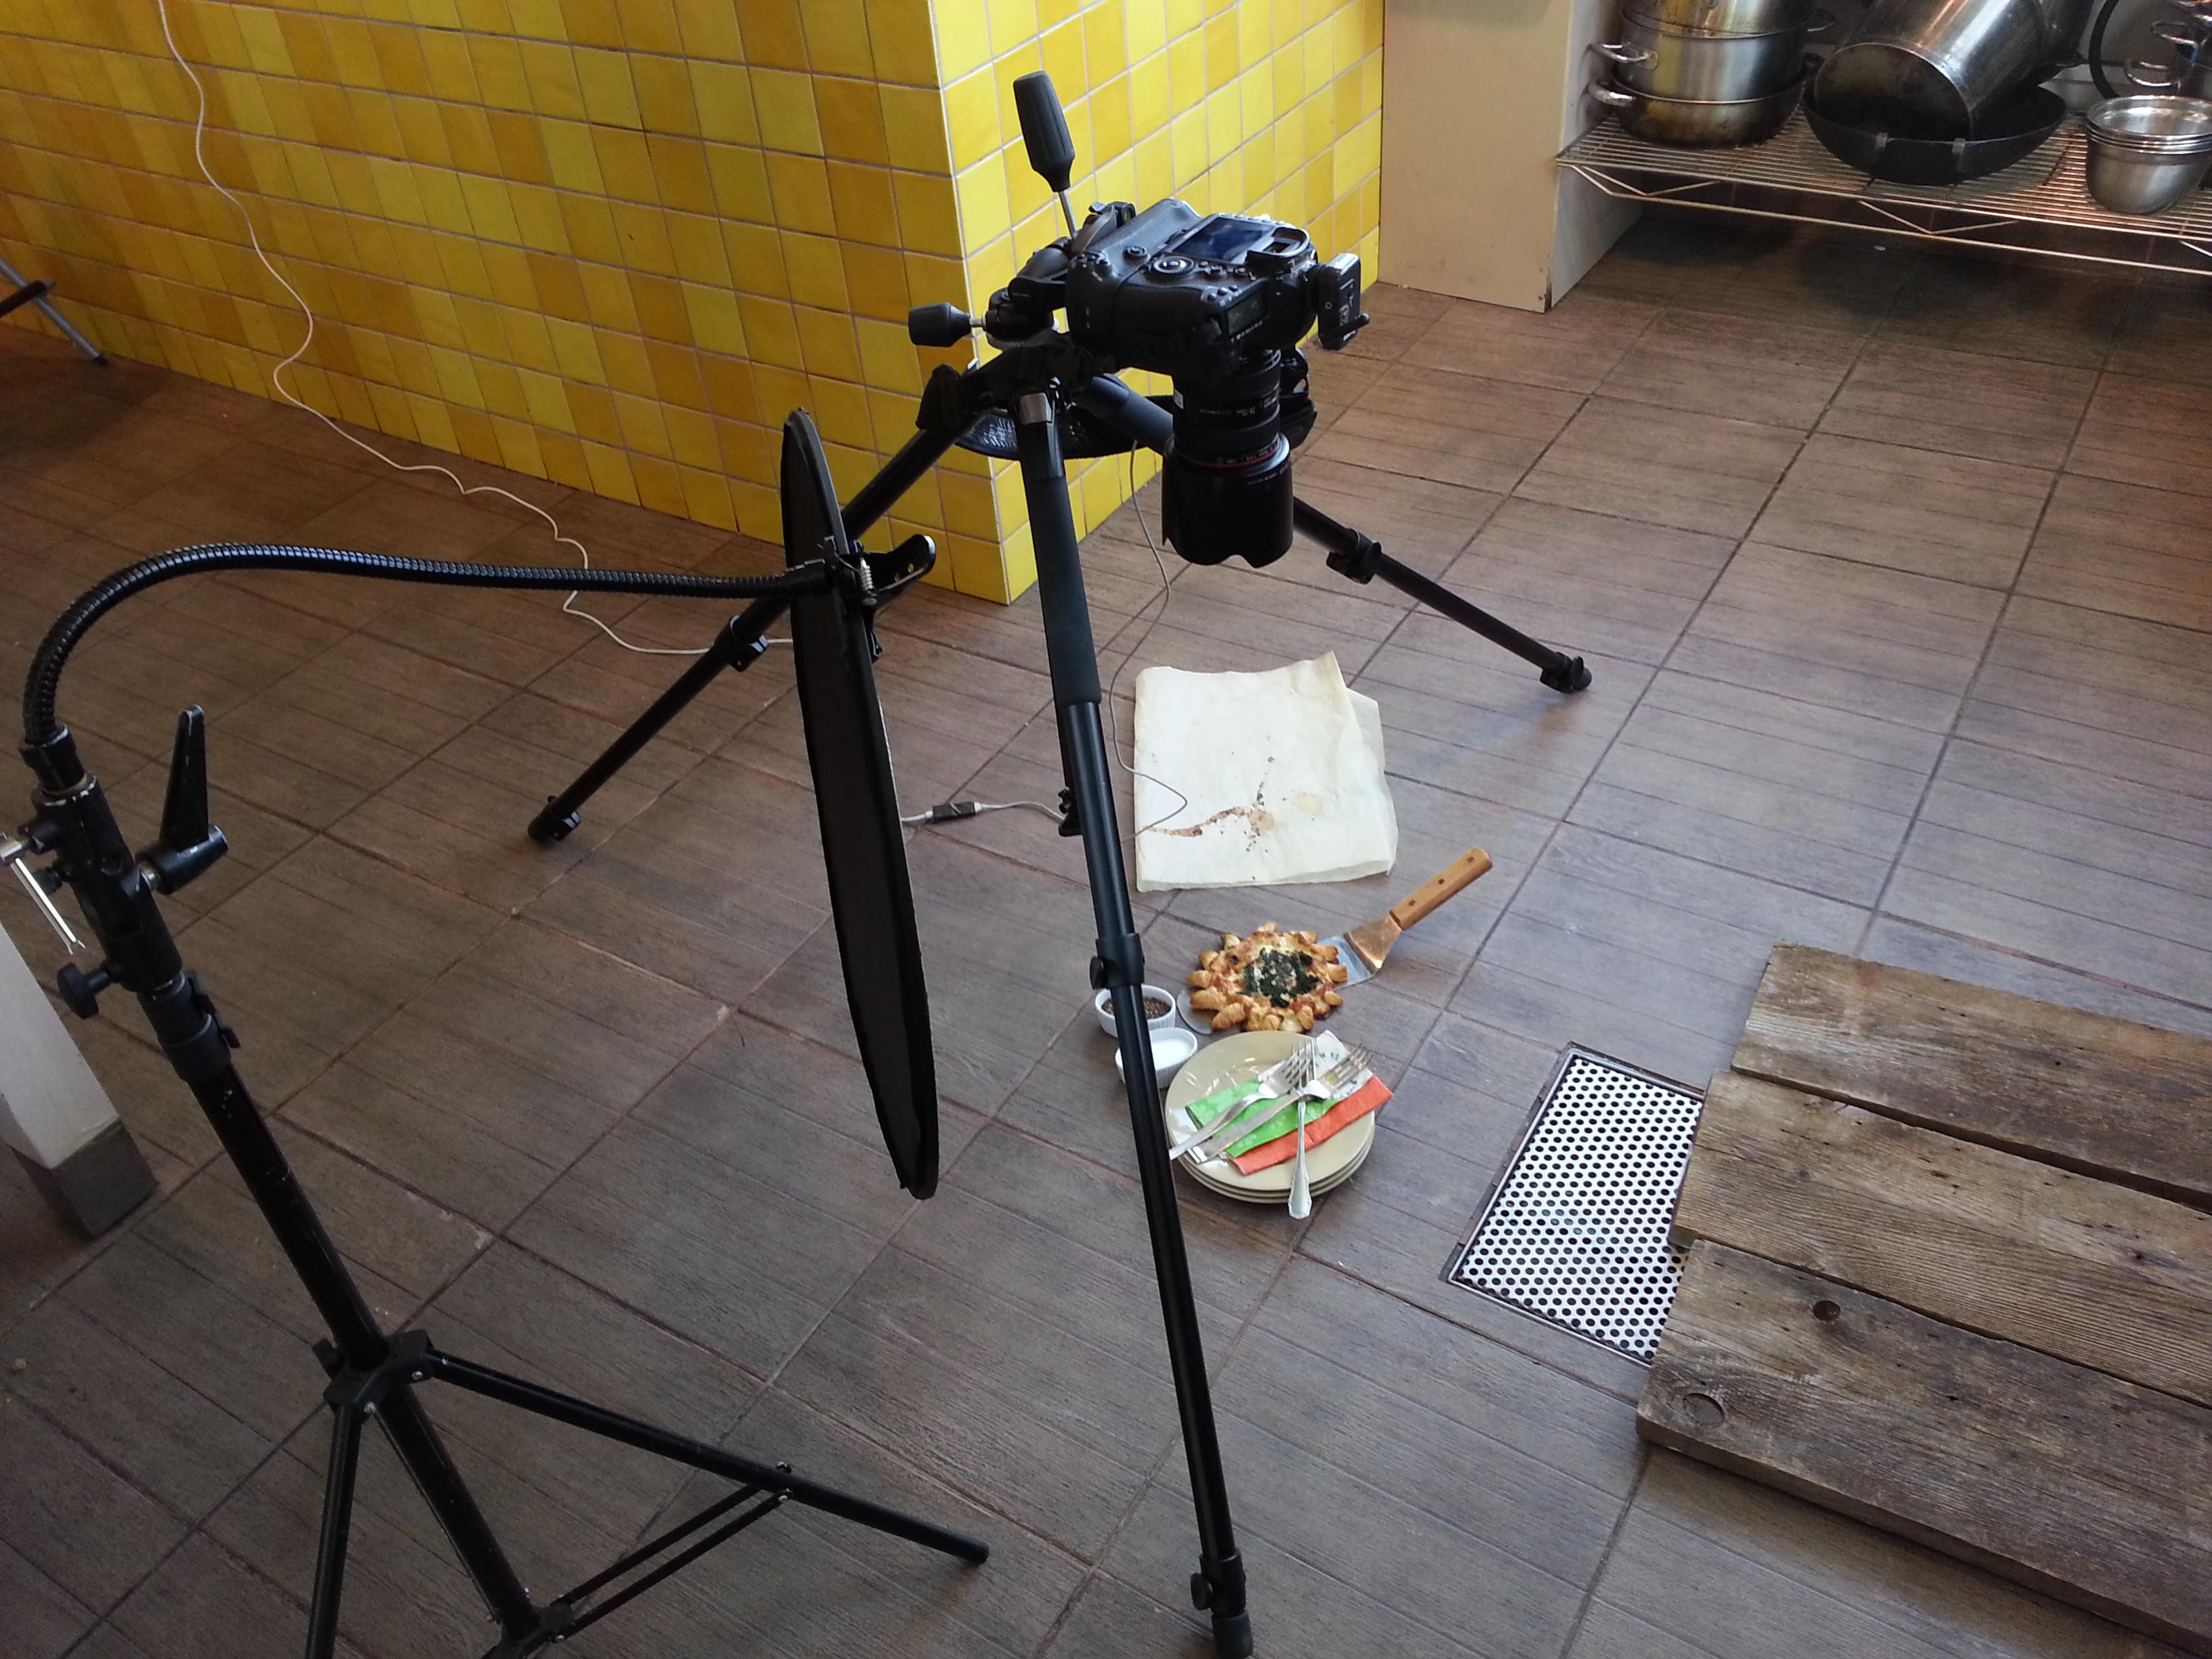 """בני גם זו לטובה צילום מזון   צילום מזון בסטודיו   צילום מזון בבית העסק   צילומי מזון ליח""""צ   צילומים למגזינים,תפריטים ולאתרים  בני 0522318075"""